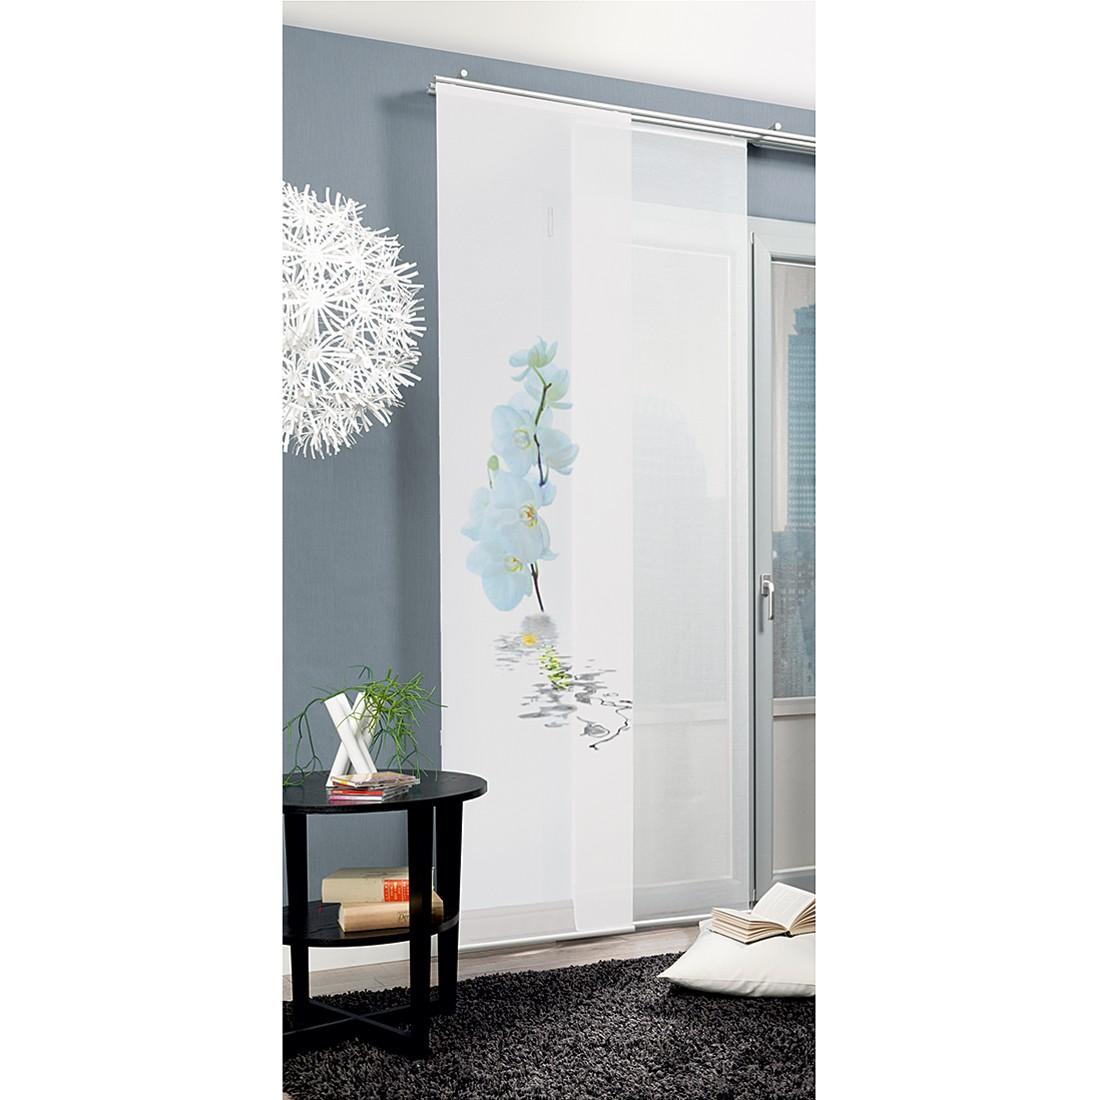 home wohnideen panneau japonais opaque prix et meilleures offres. Black Bedroom Furniture Sets. Home Design Ideas